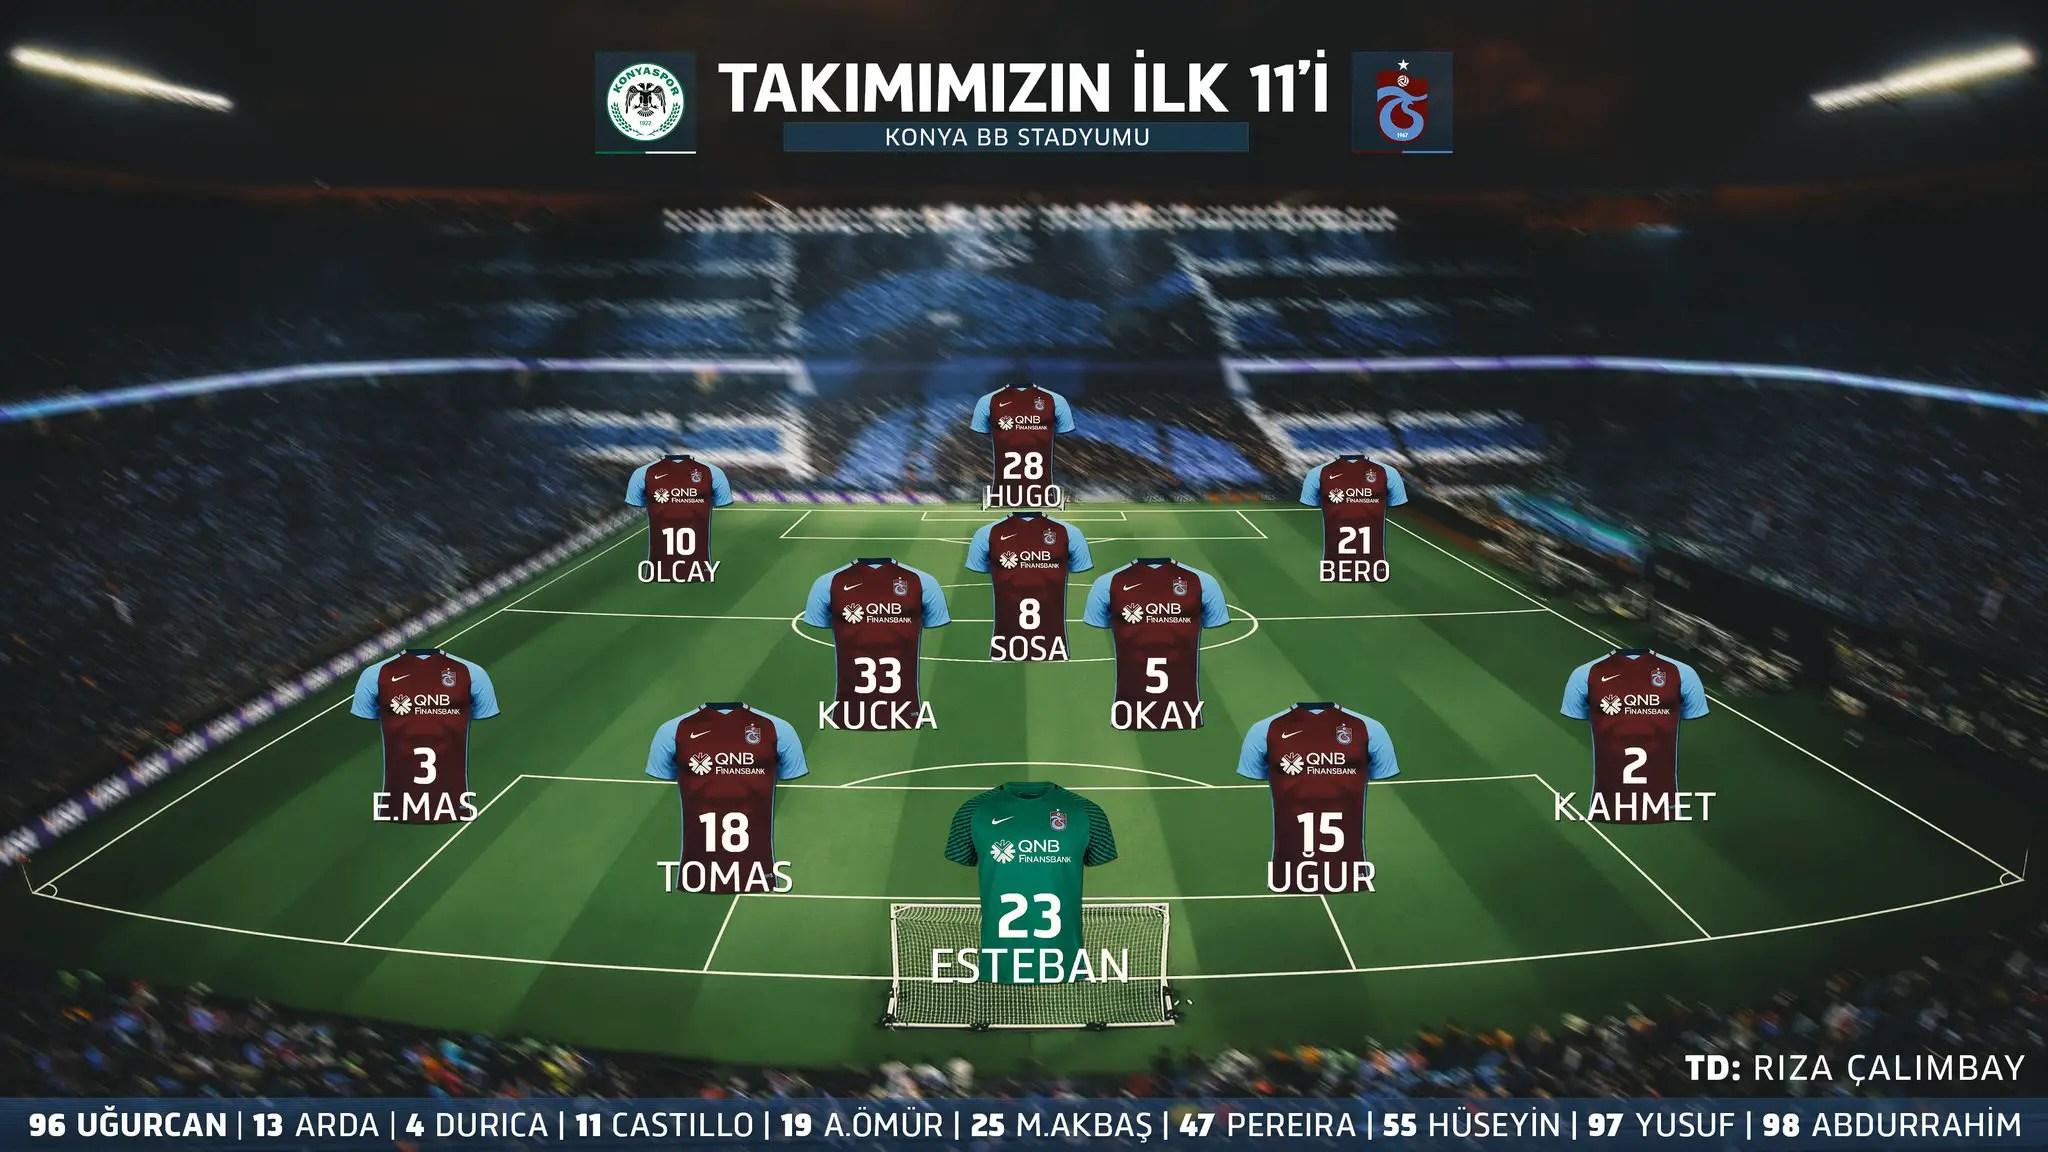 Turkish Cup: Trabzonspor Lose To Konyaspor Without Onazi